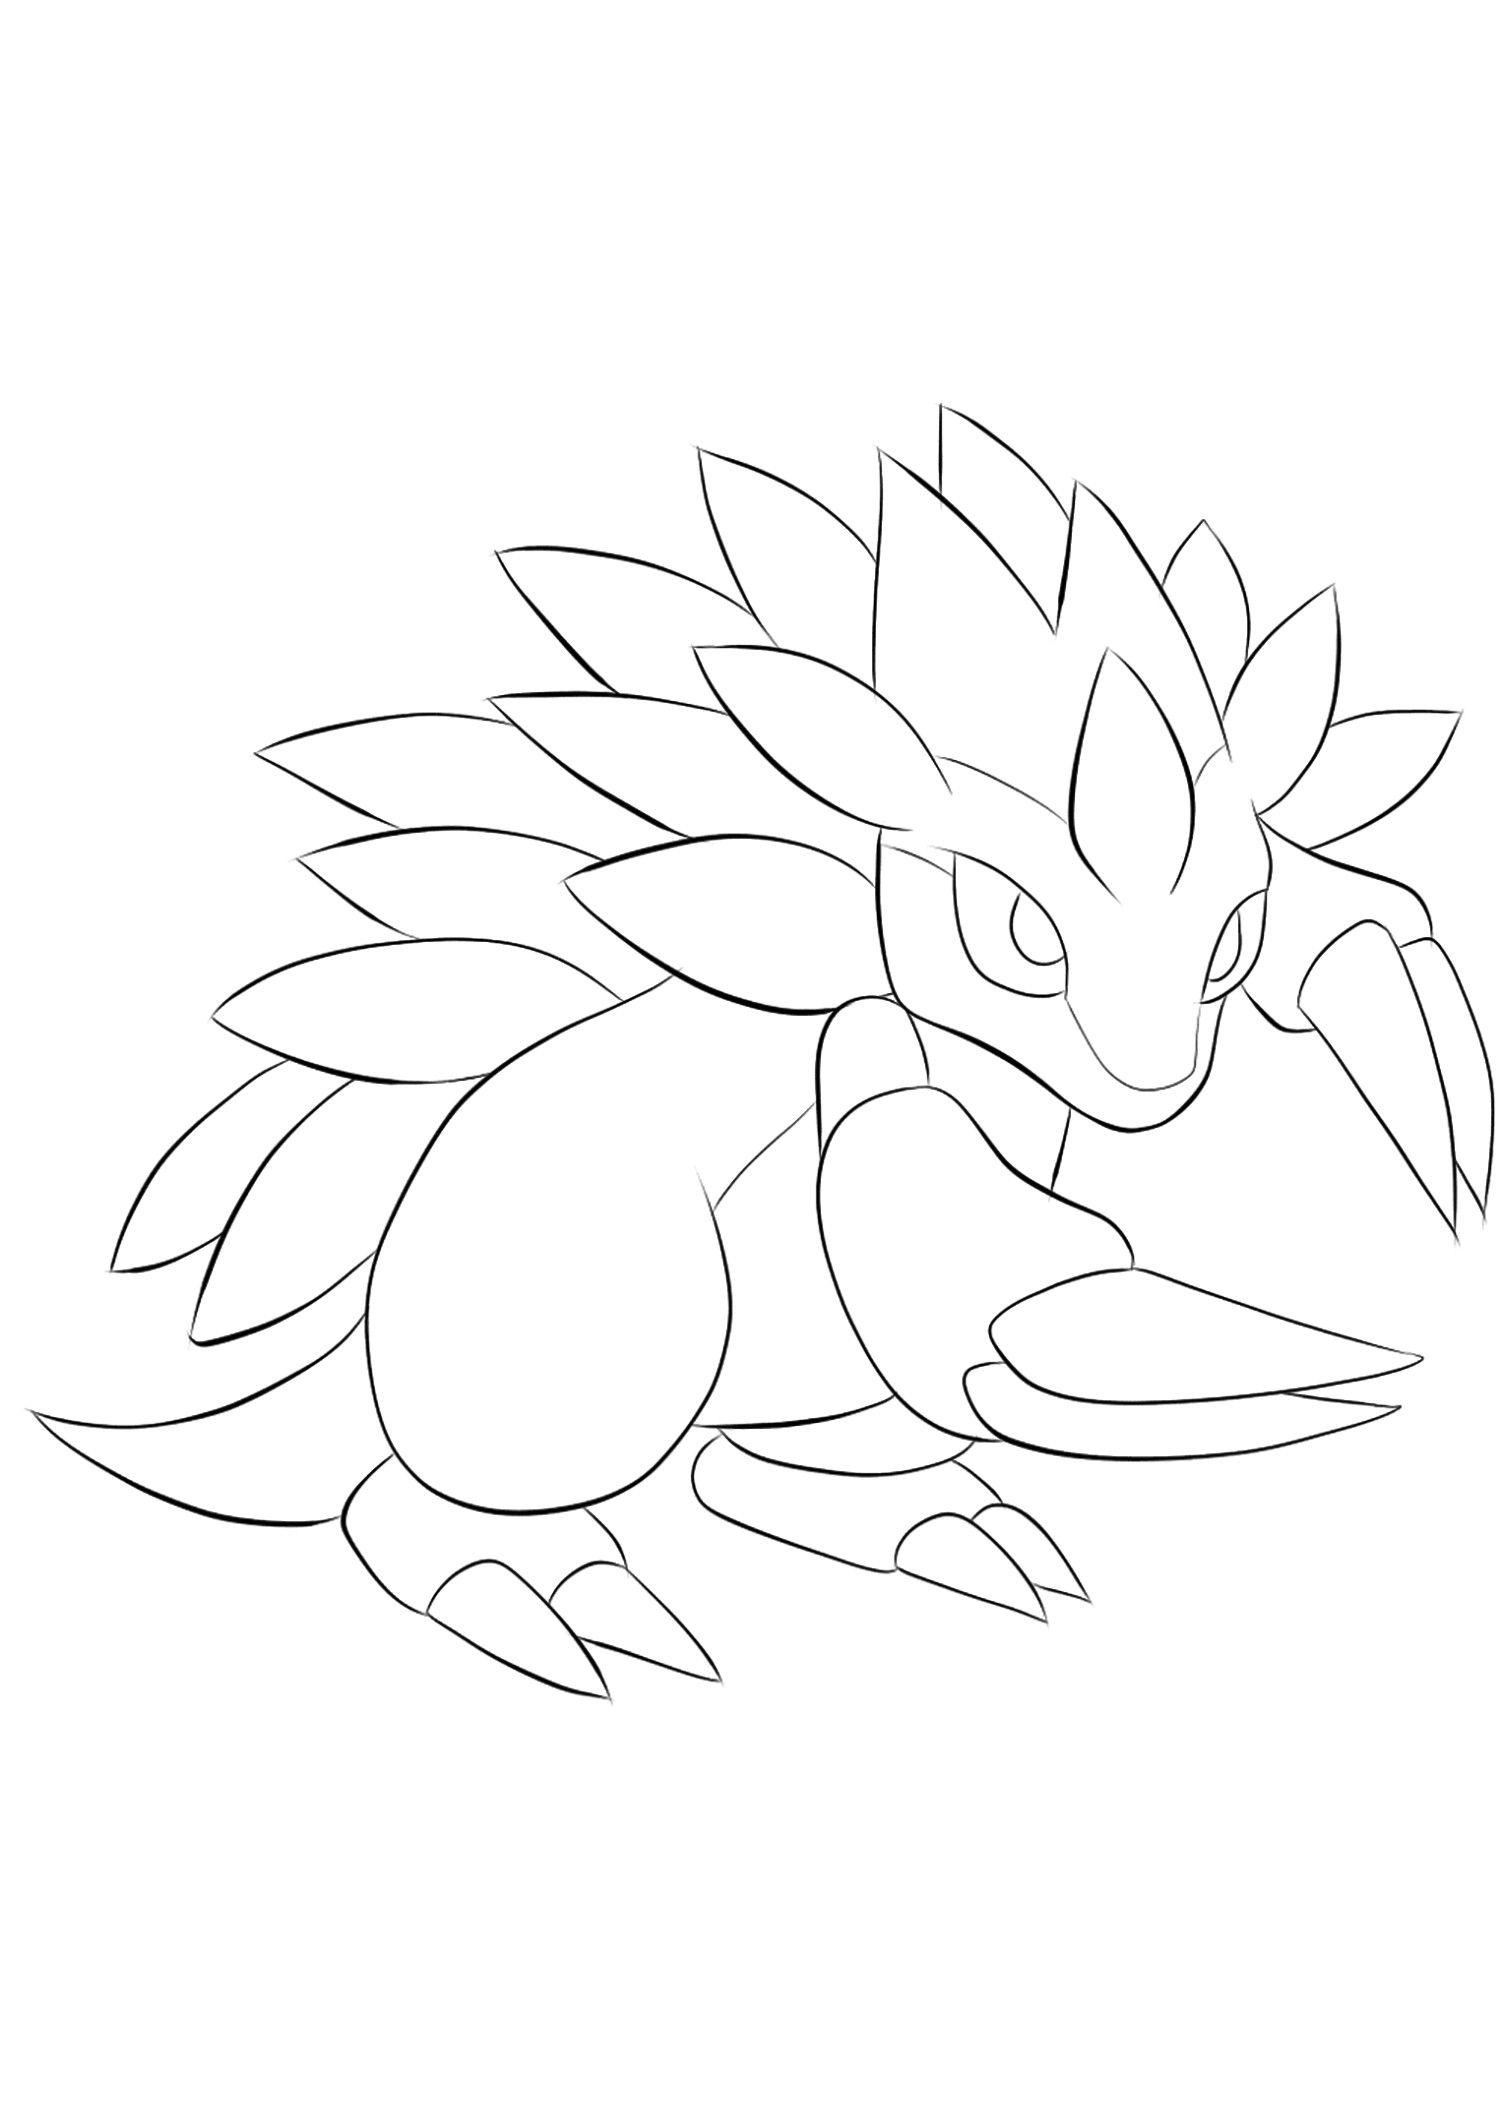 cute pokemon sandslash coloring sheet in 2020 | Pokemon ...